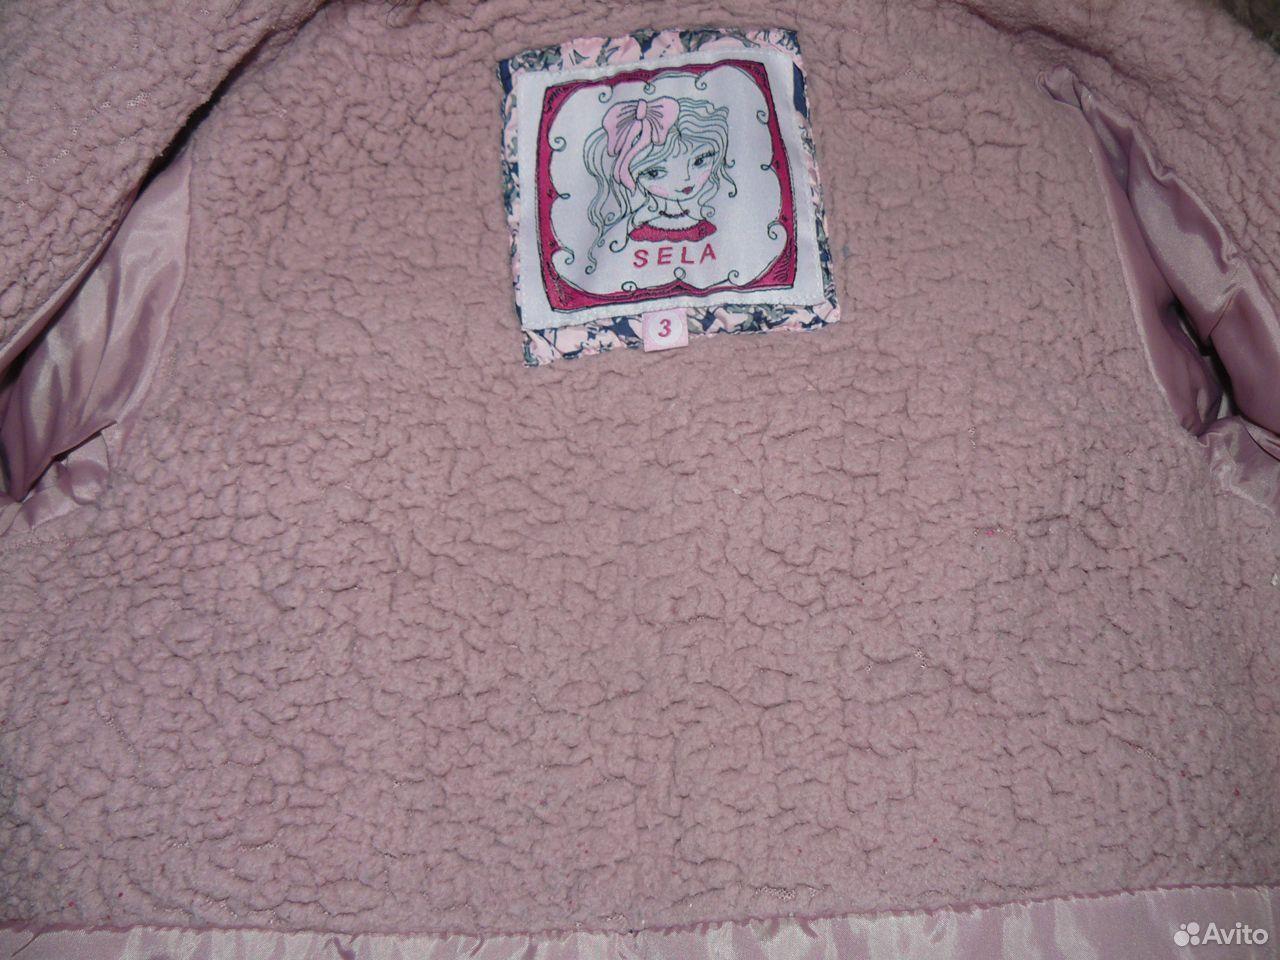 Пальто осеннее sela на 3 года  89871288618 купить 2